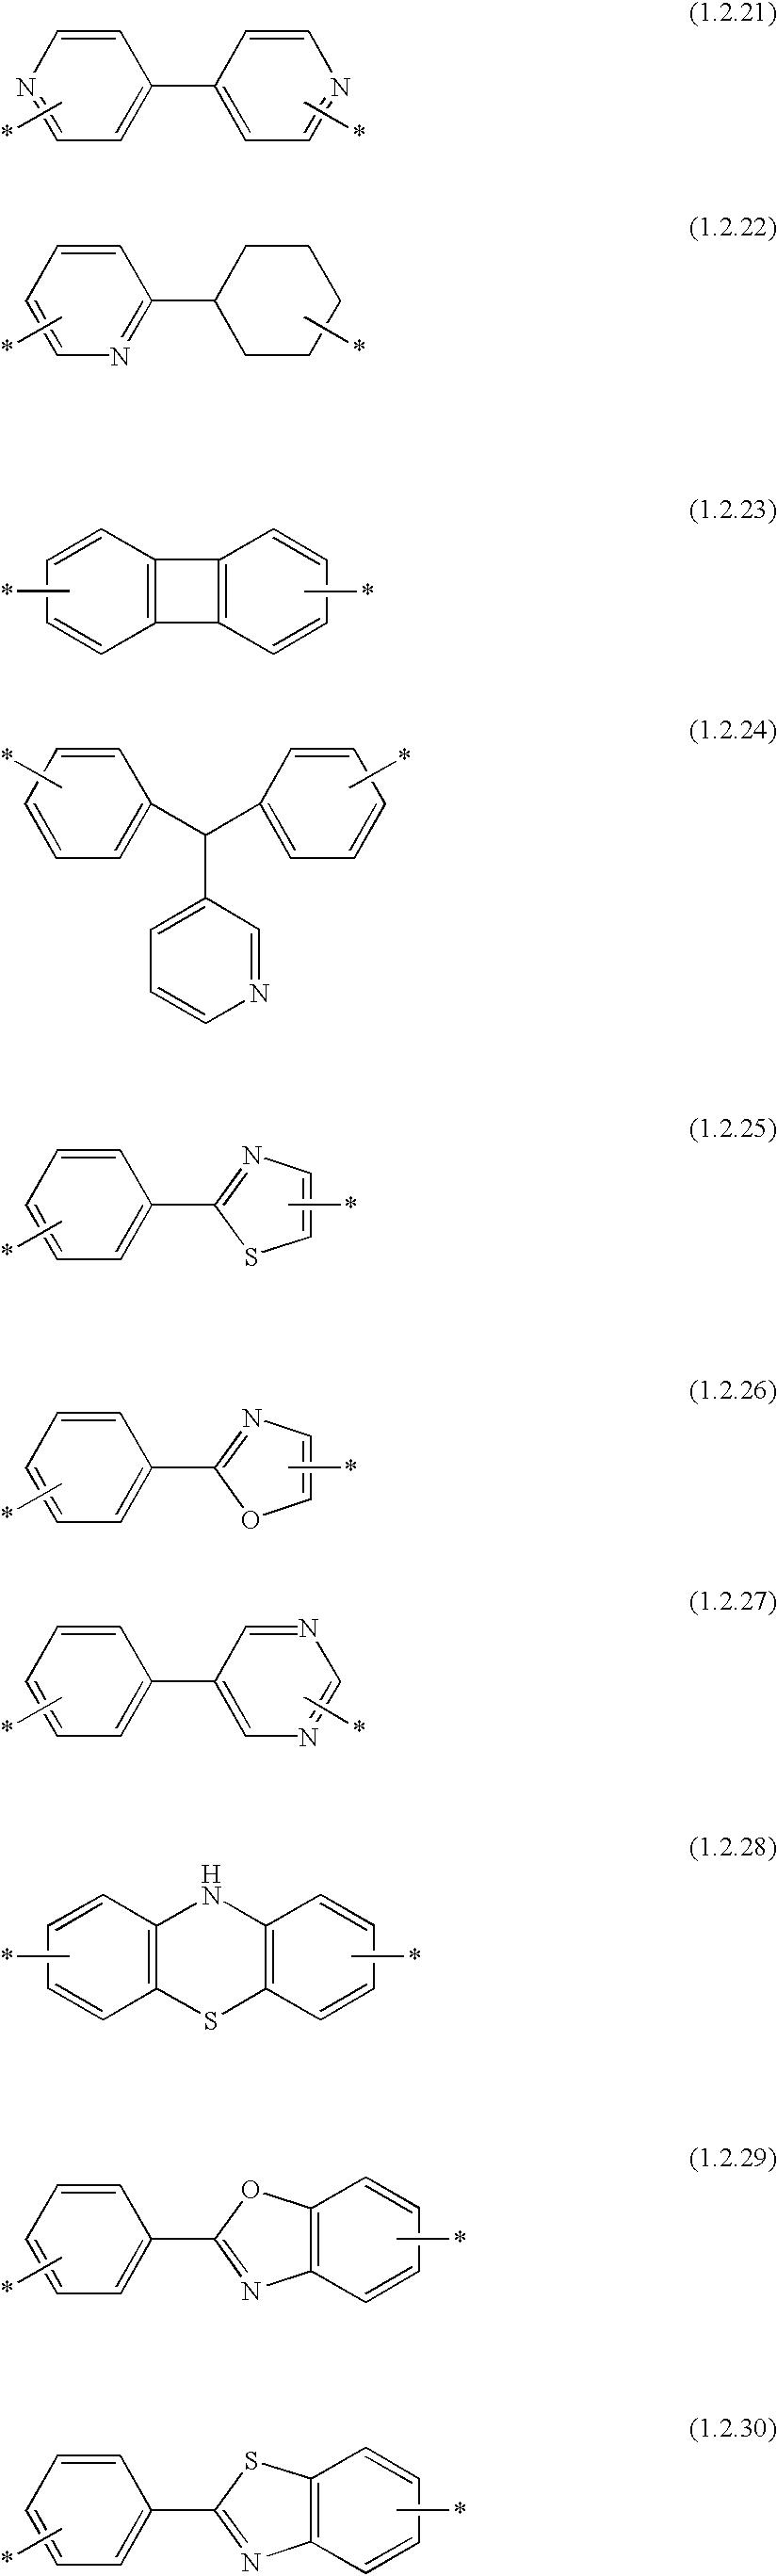 Figure US20030186974A1-20031002-C00119